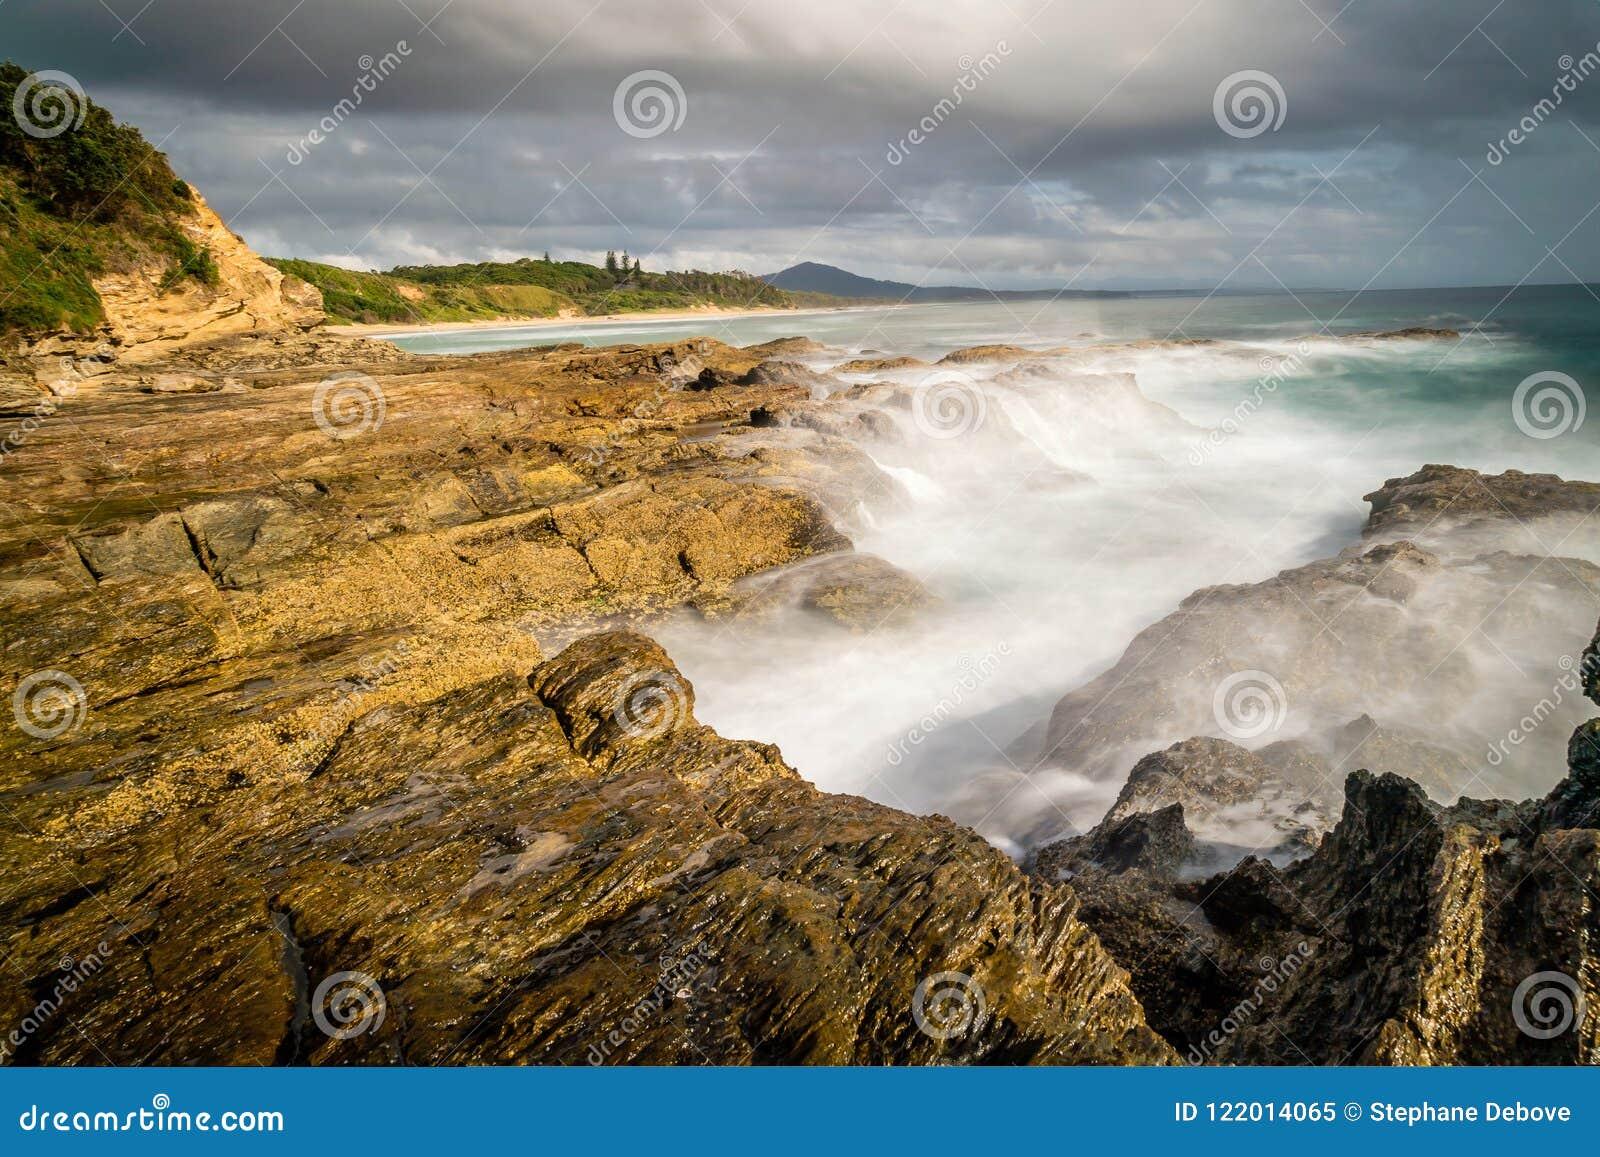 Segla utmed kusten i Nambucca huvud i New South Wales, Australien, långt exponeringsskott